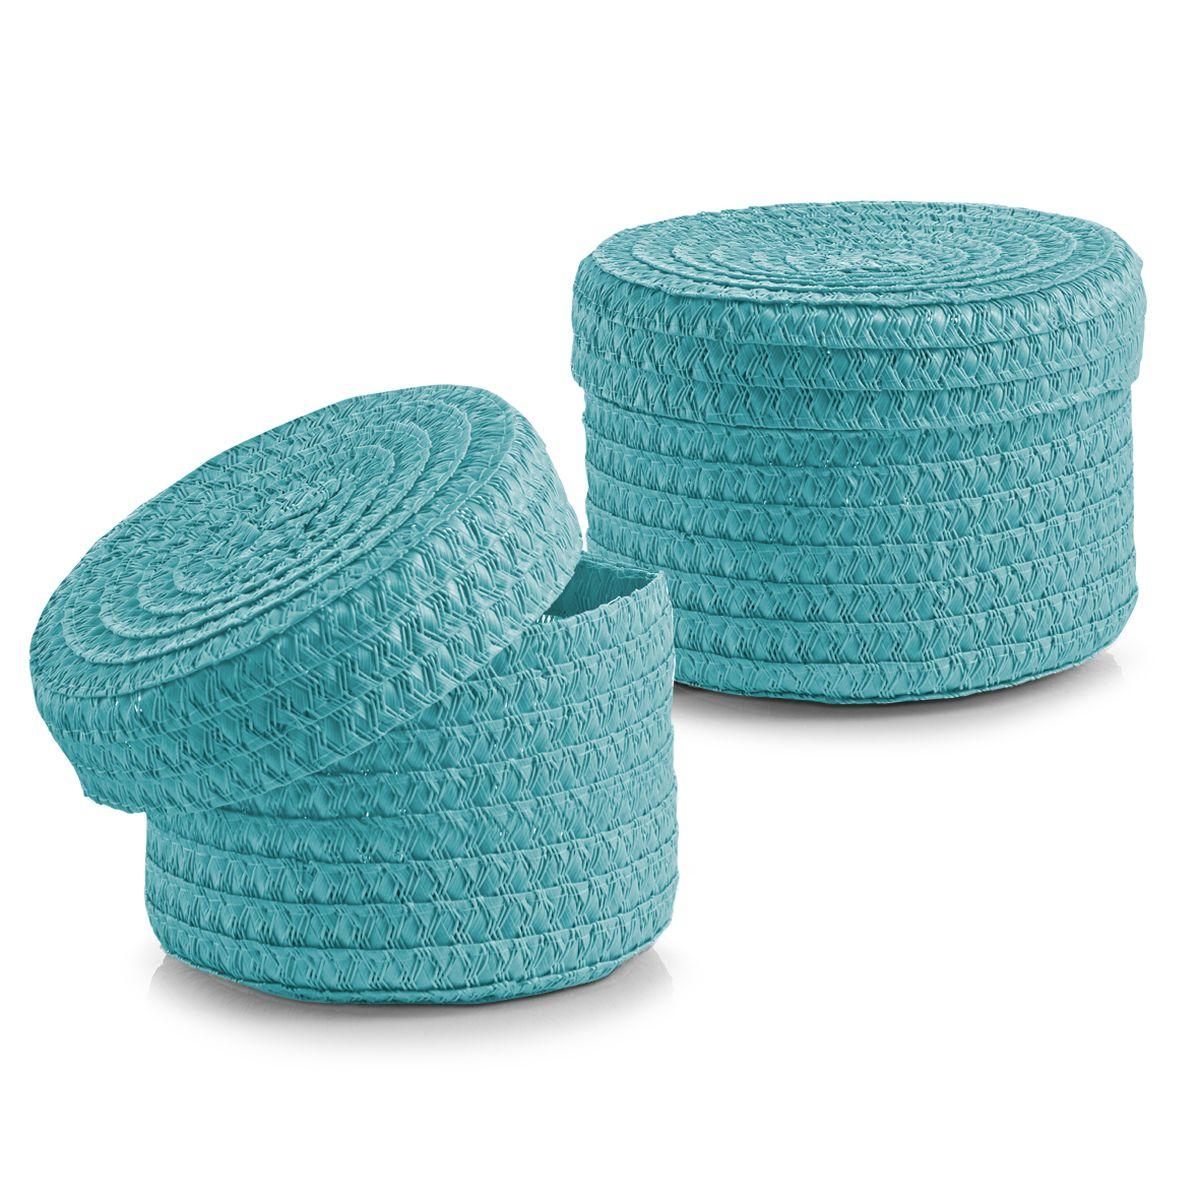 Набор корзин Zeller с крышками, цвет: бирюзовый, 2 шт14022Набор Zeller состоит из двух корзин разного размера. Корзинки изготовлены из текстиля и оснащены крышками. Изделия идеально подходят для упаковки подарков, цветочных композиций и подарочных наборов, для хранения различных вещей и аксессуаров. Так же они являются прекрасным декоративным элементом интерьера. Такие корзины будут создавать уют и комфорт в вашем доме и станут отличным подарком. Диаметр корзин: 16 см, 17 см. Высота корзин: 10 см, 12 см.